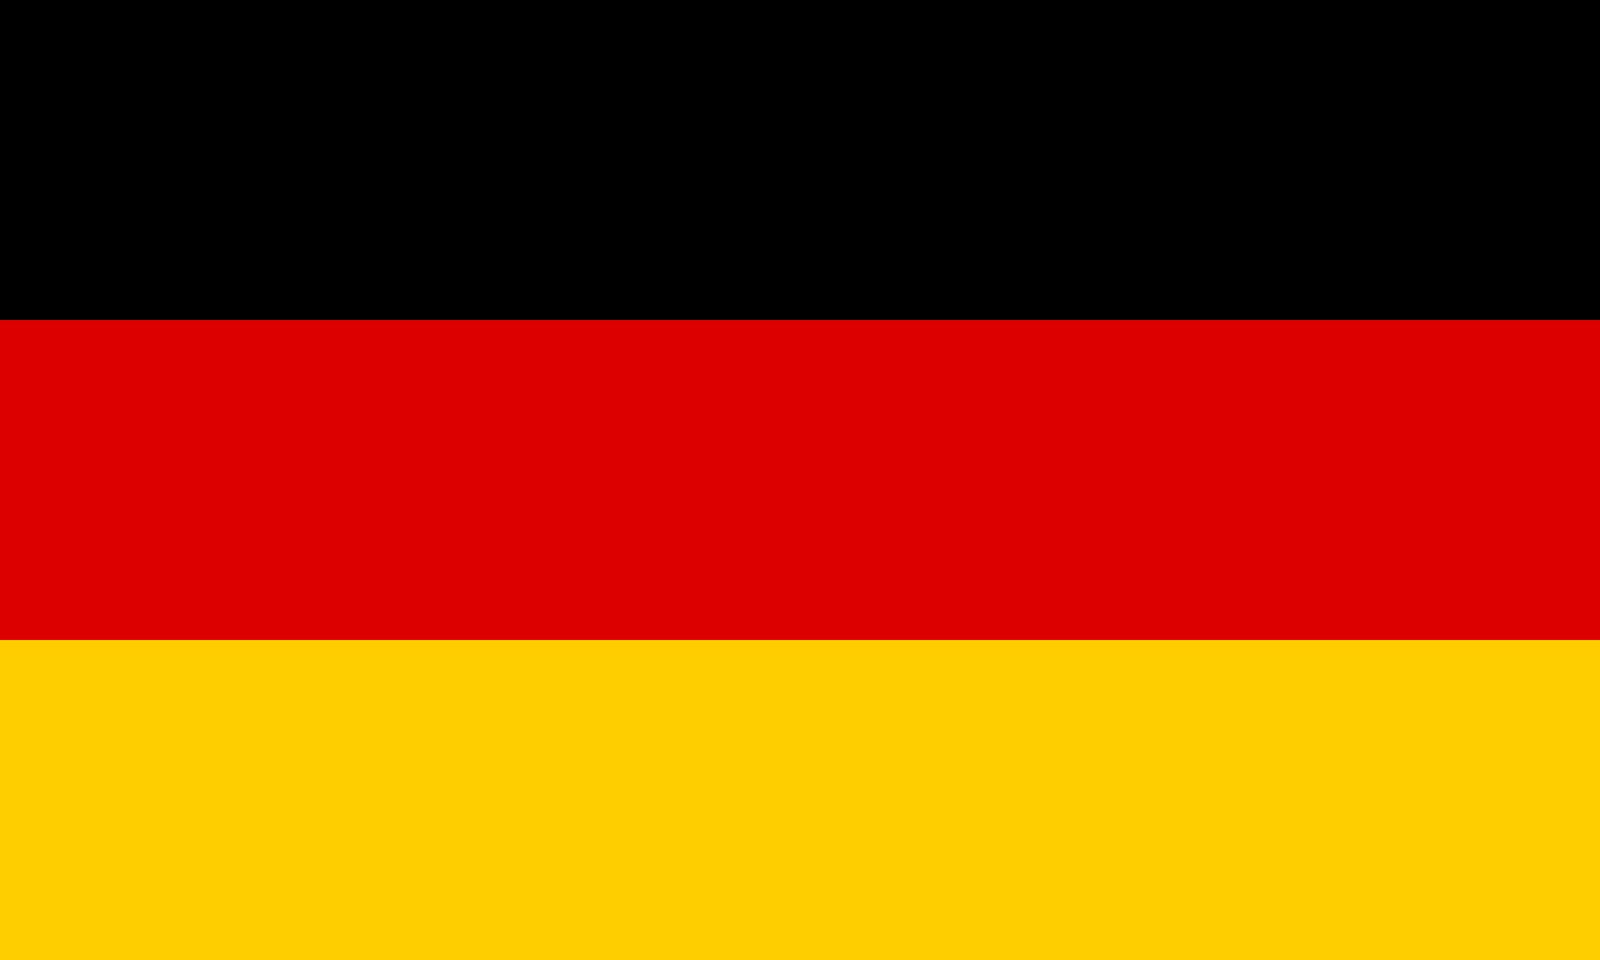 Banderas de europa central culturas religiones y creencias - Fotos banera ...